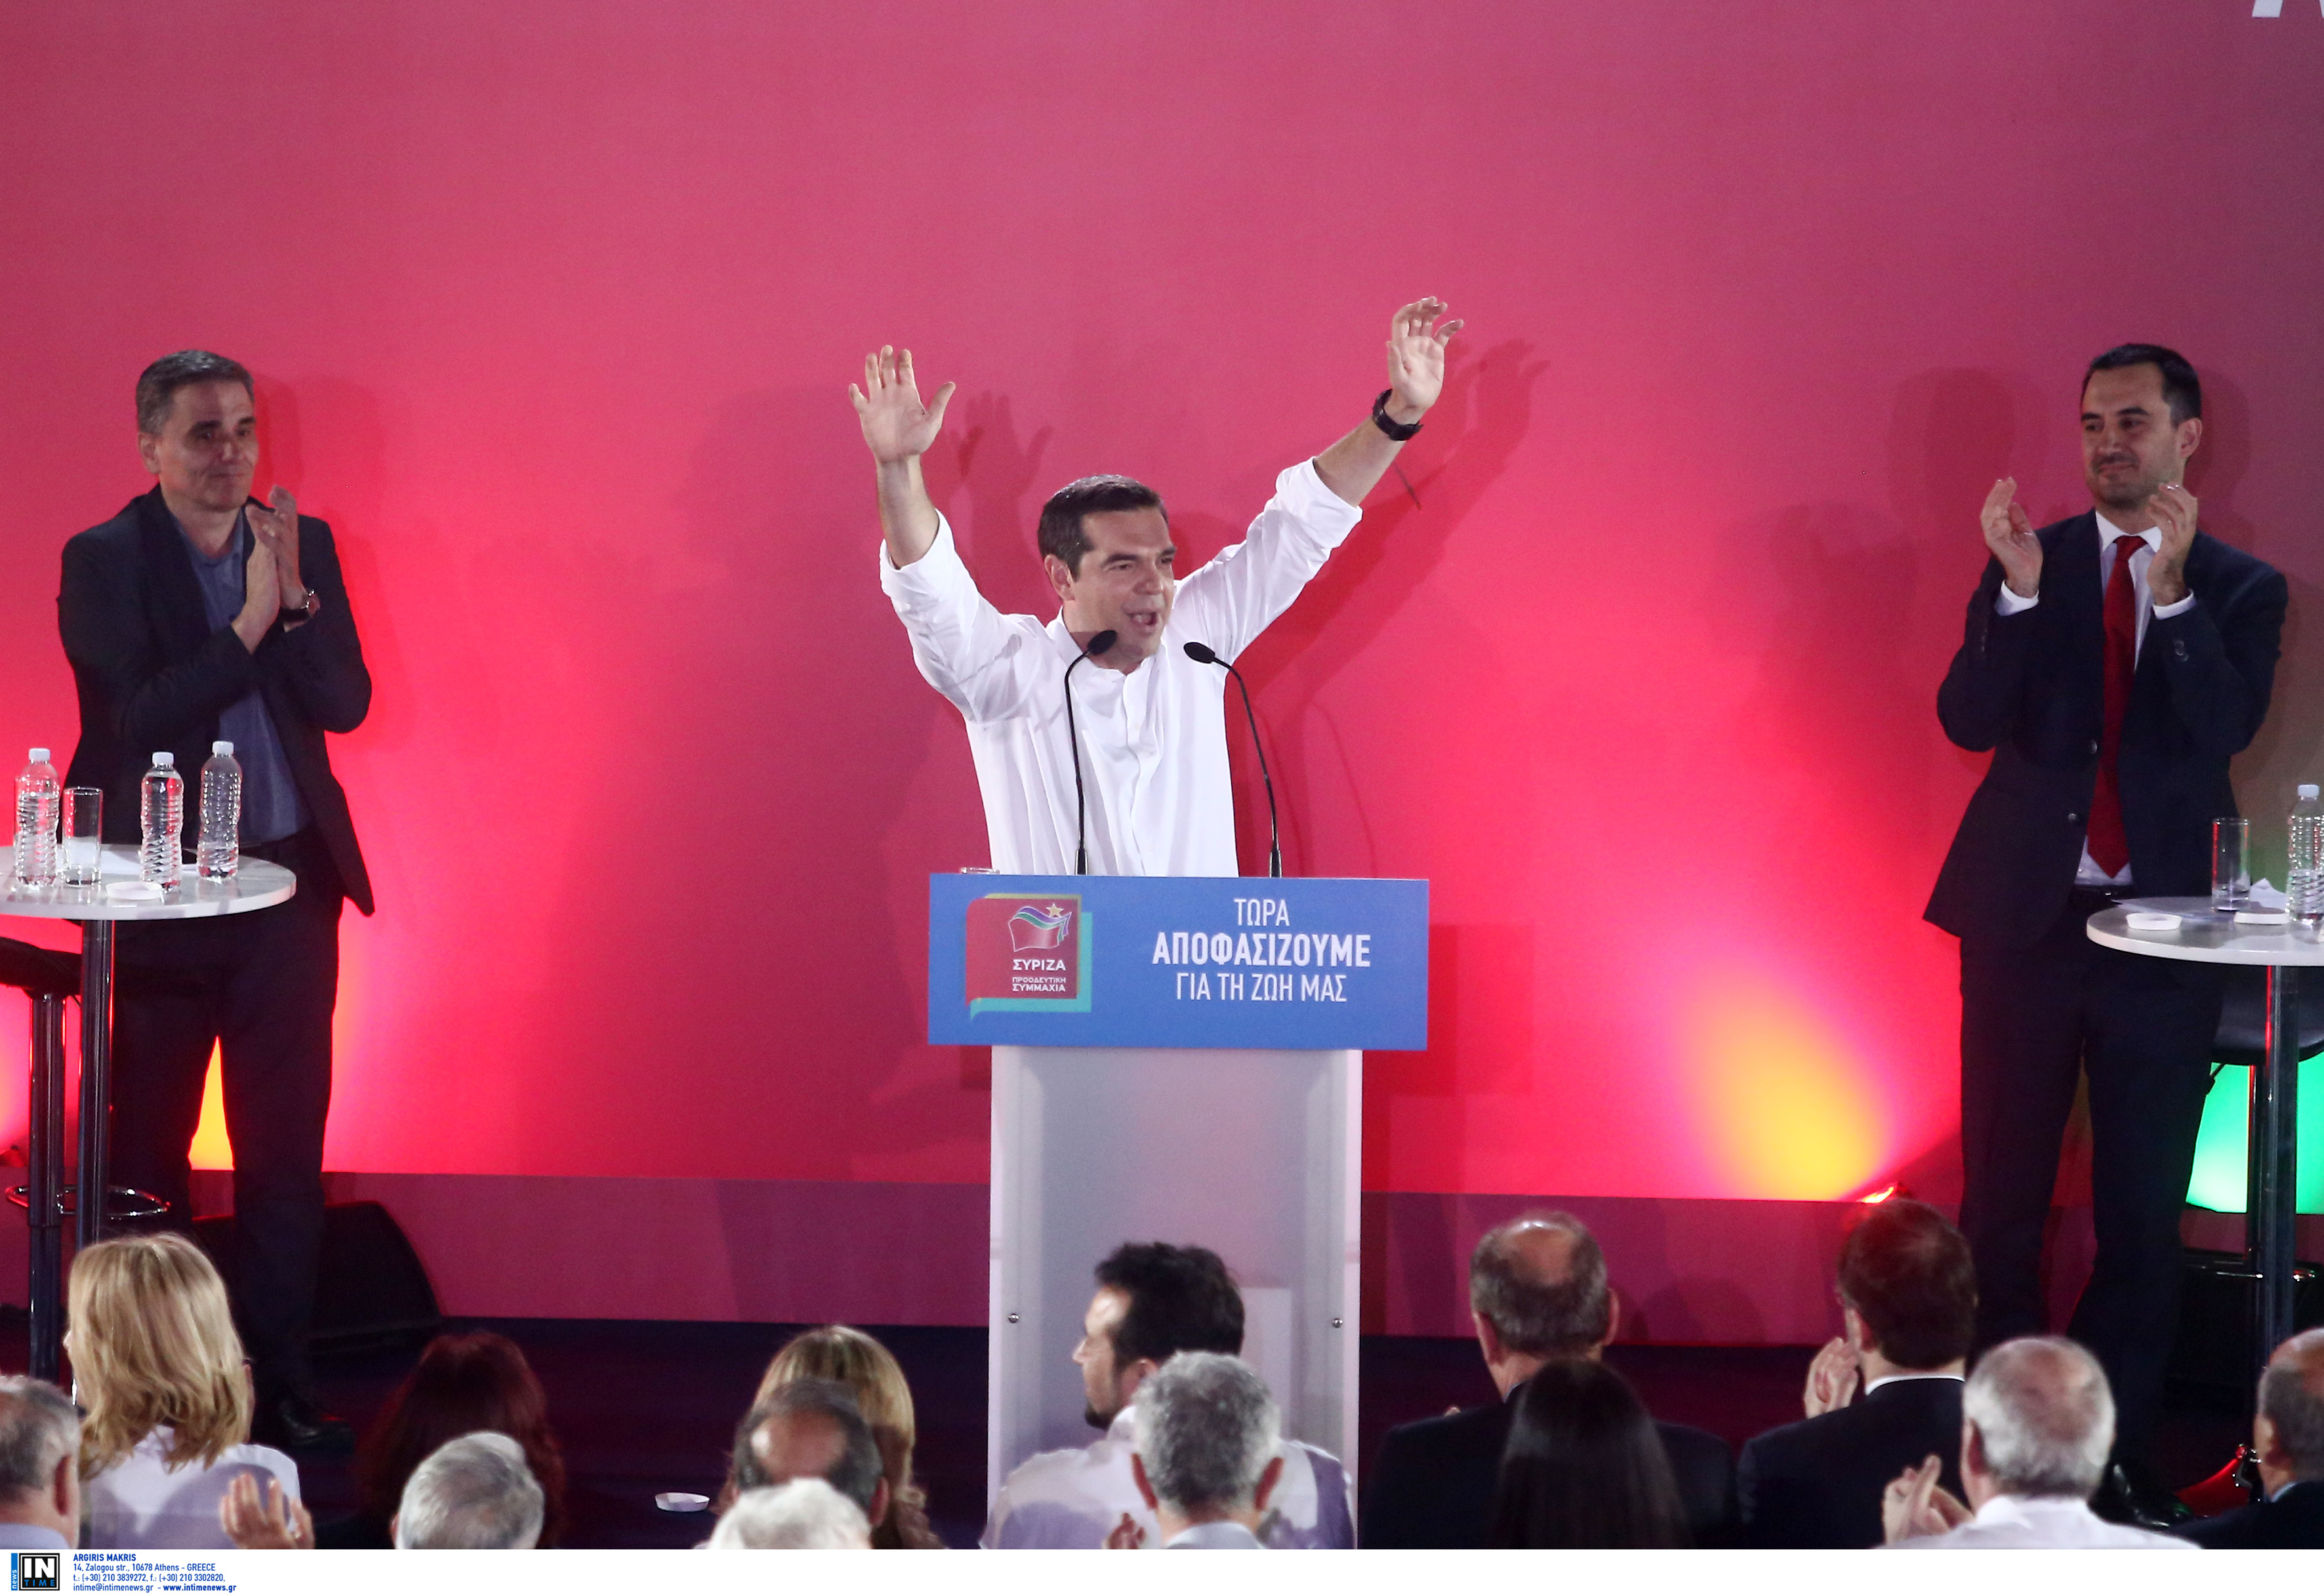 Γιατί ο Τσίπρας είχε κι άλλους μαζί του στη σκηνή… | Newsit.gr